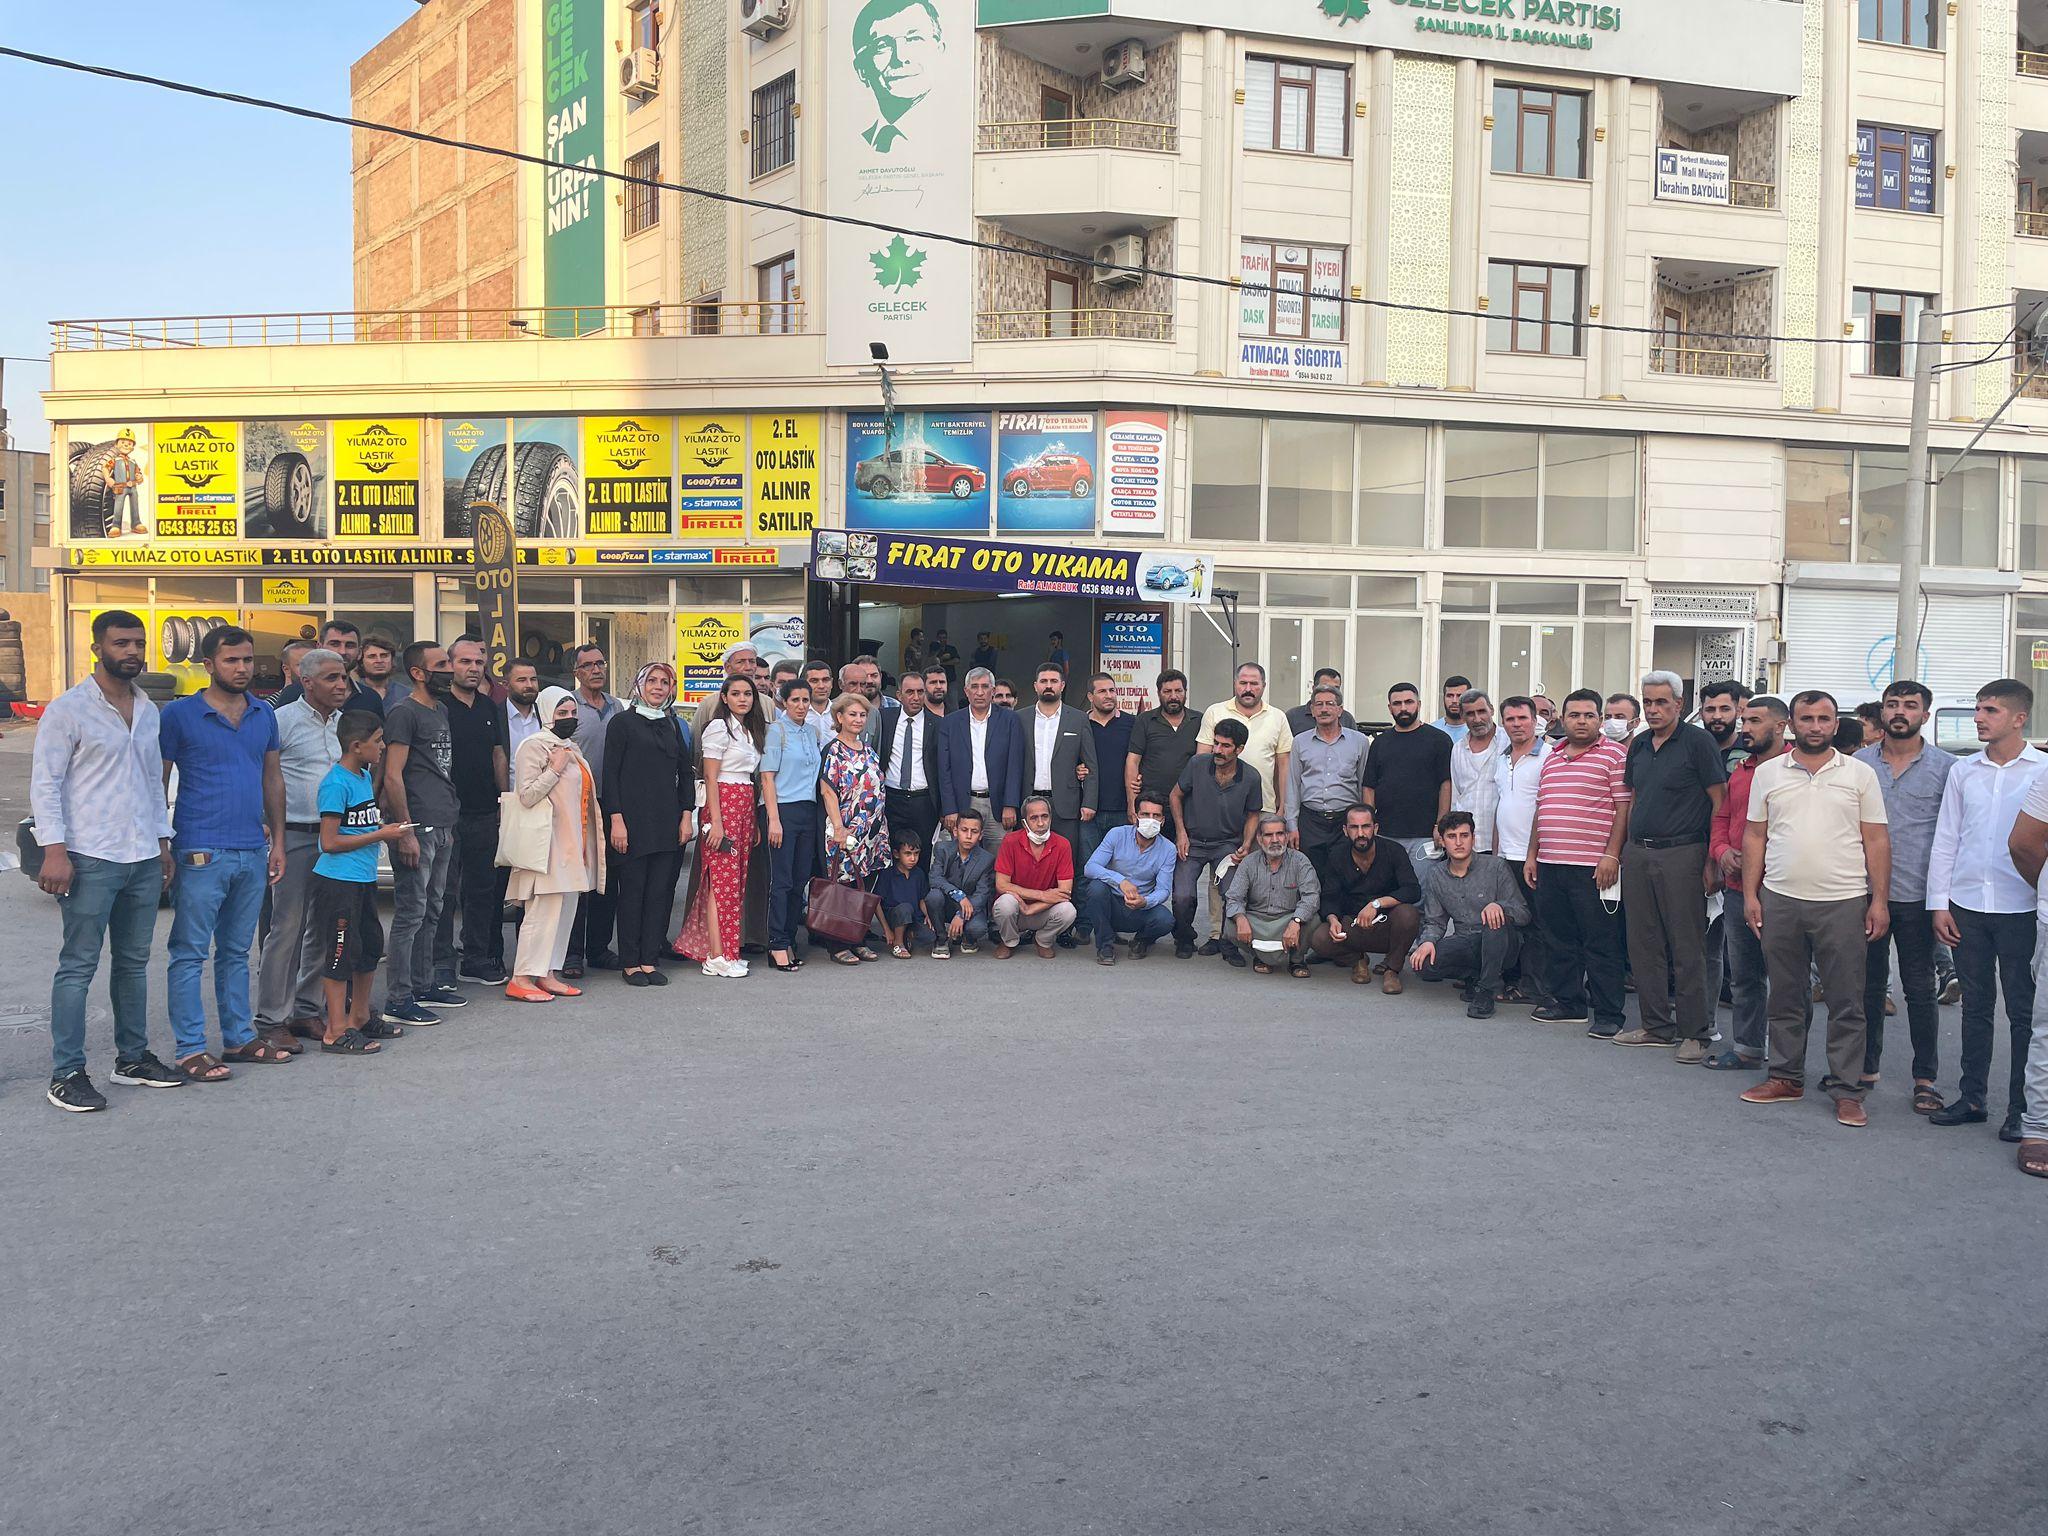 Eyyübiye İlçemizden partimize değişik ailelerden 150 kişilik bir katılım olmuştur.